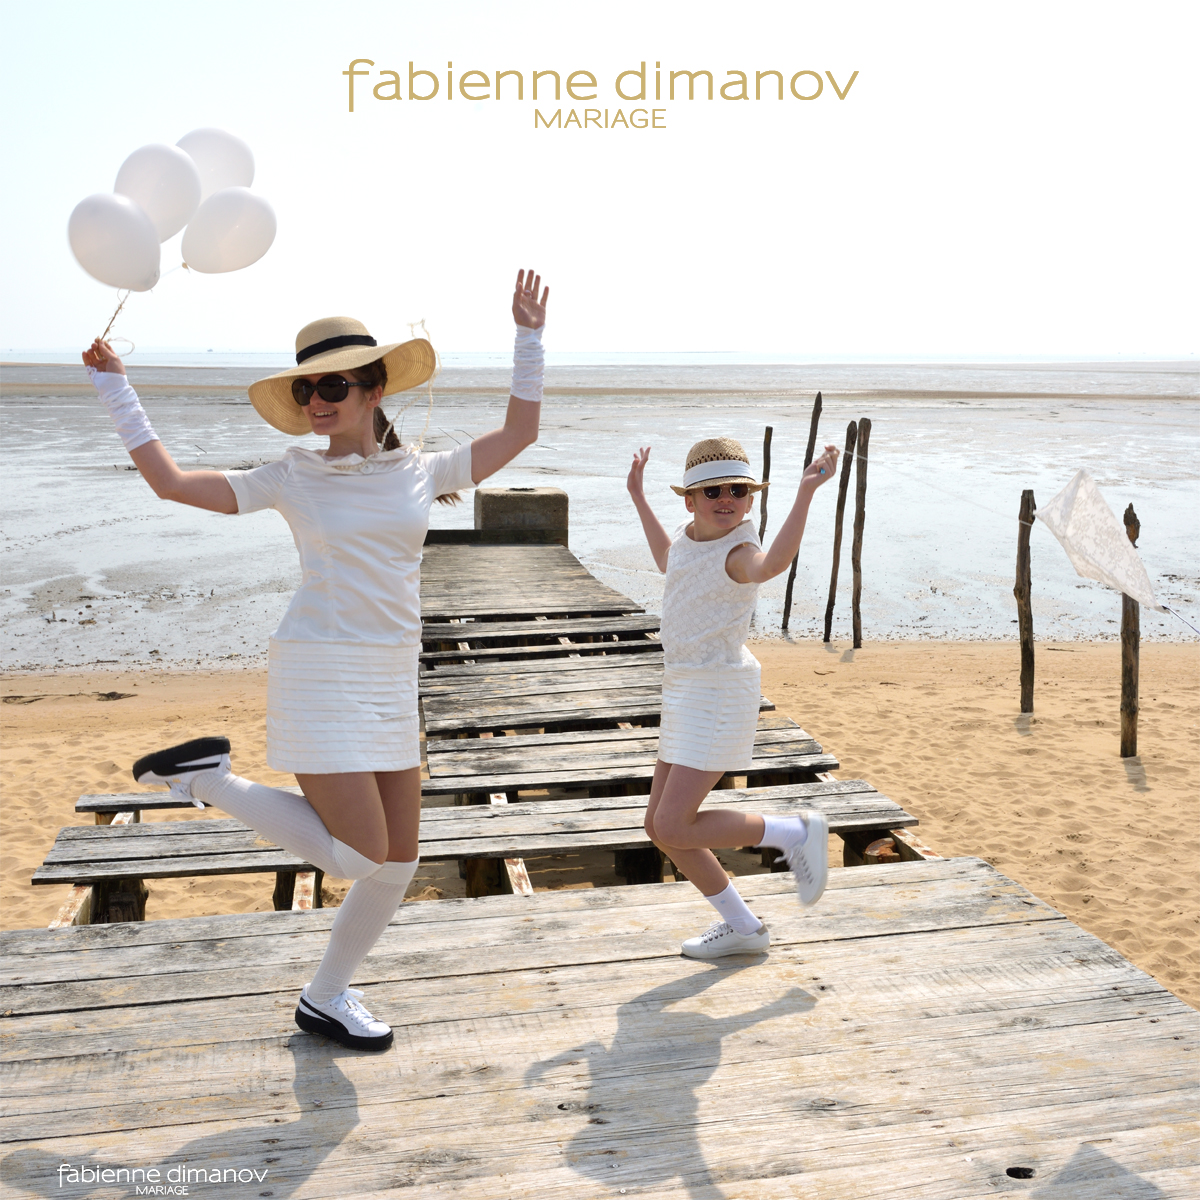 Mariées 2020 - D'ART & D'AMOUR - Fabienne Dimanov Mariage